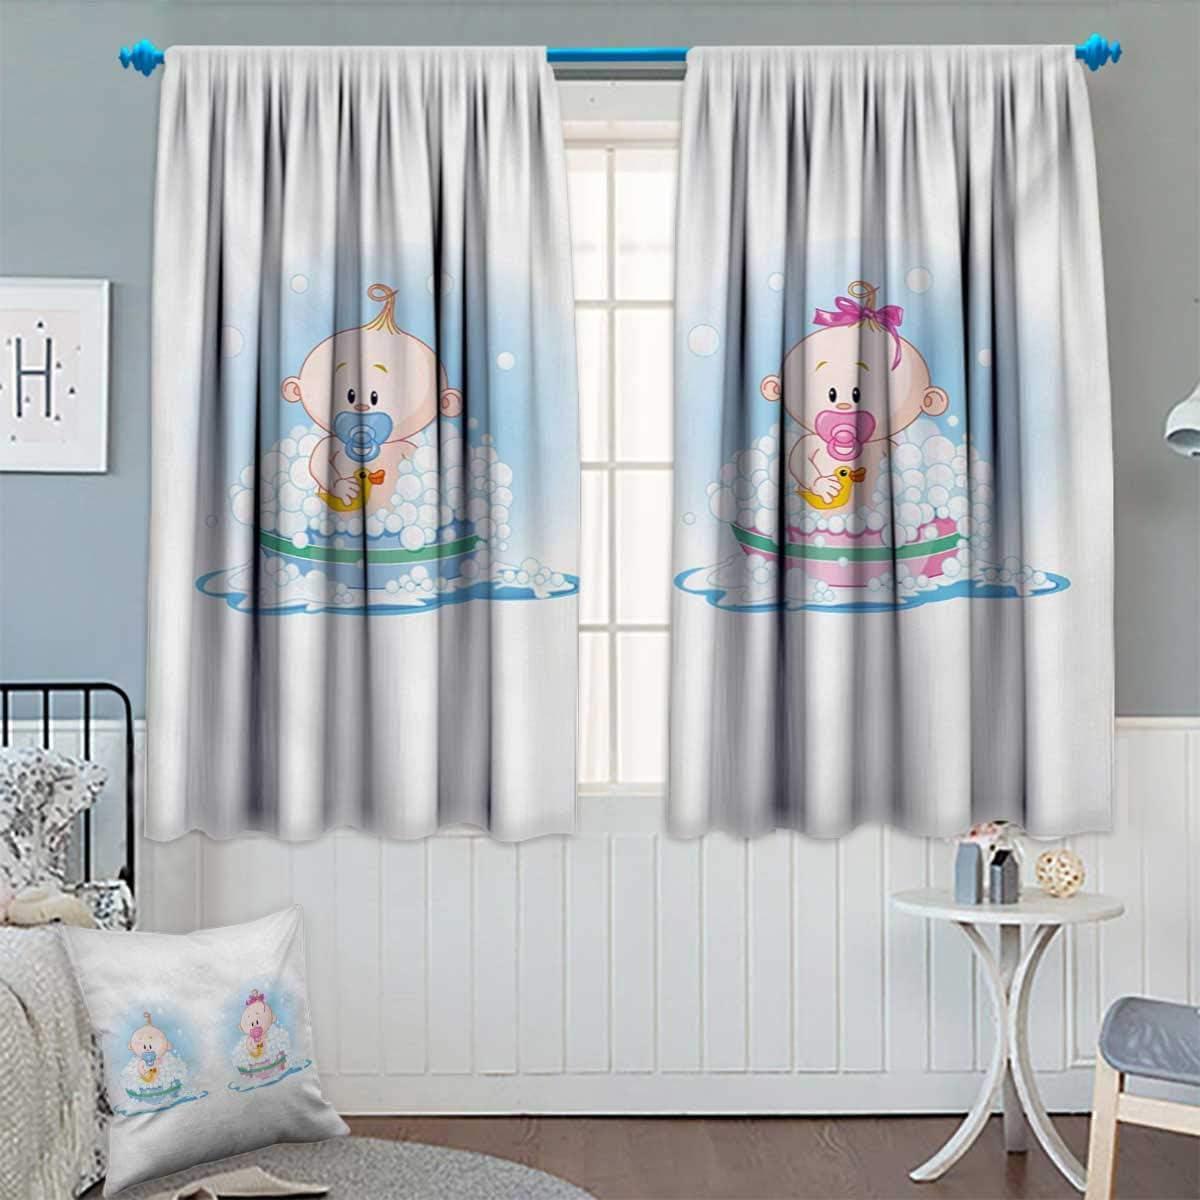 Anhounine - Cortina Opaca, diseño de Chico y Chica con chupetes de Conejo, Cortinas Personalizadas, Color Azul pálido y Rosa melocotón, 55 x 39 cm: Amazon.es: Juguetes y juegos